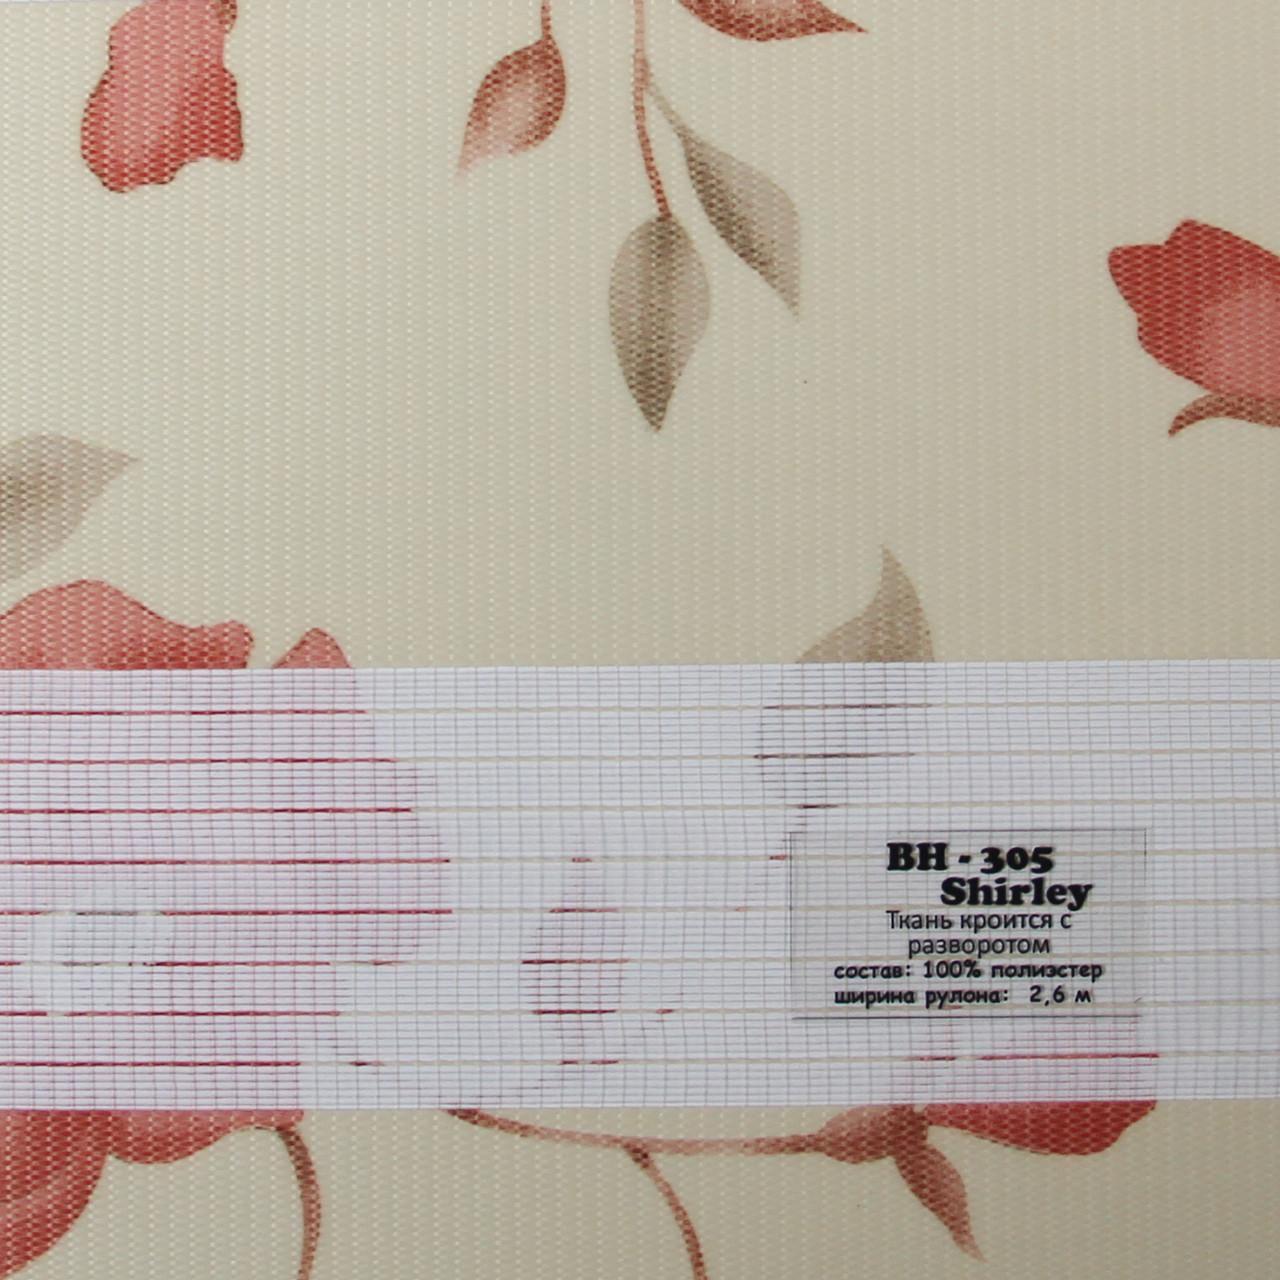 Рулонні штори День-Ніч Тканина Квіти ВН-305 Shirley